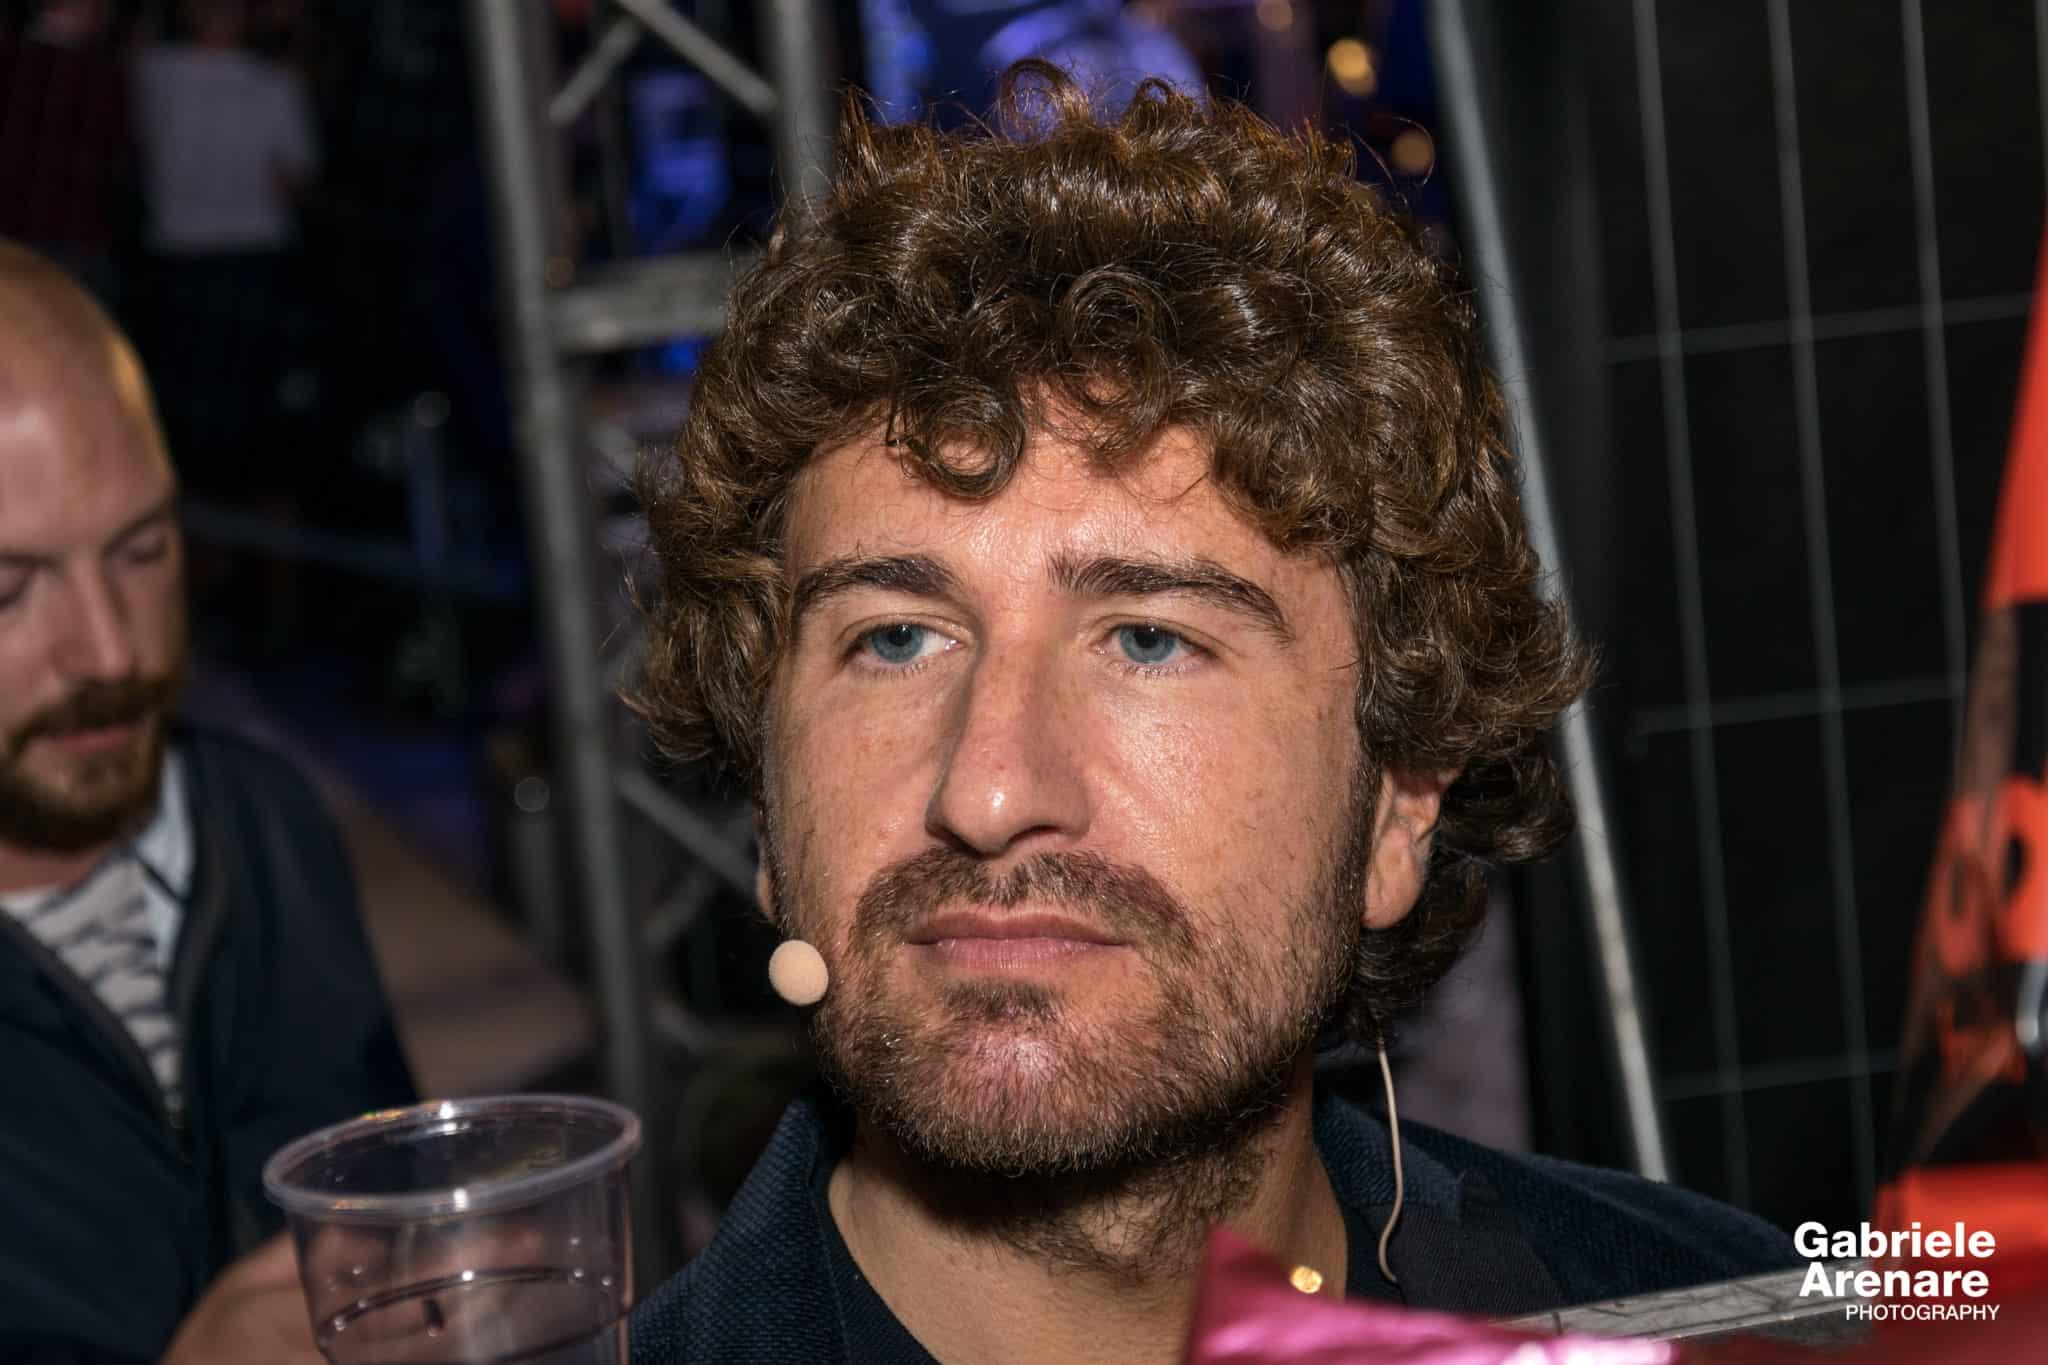 Alessandro Siani al San Gennaro Day - Photo credit Gabriele Arenare